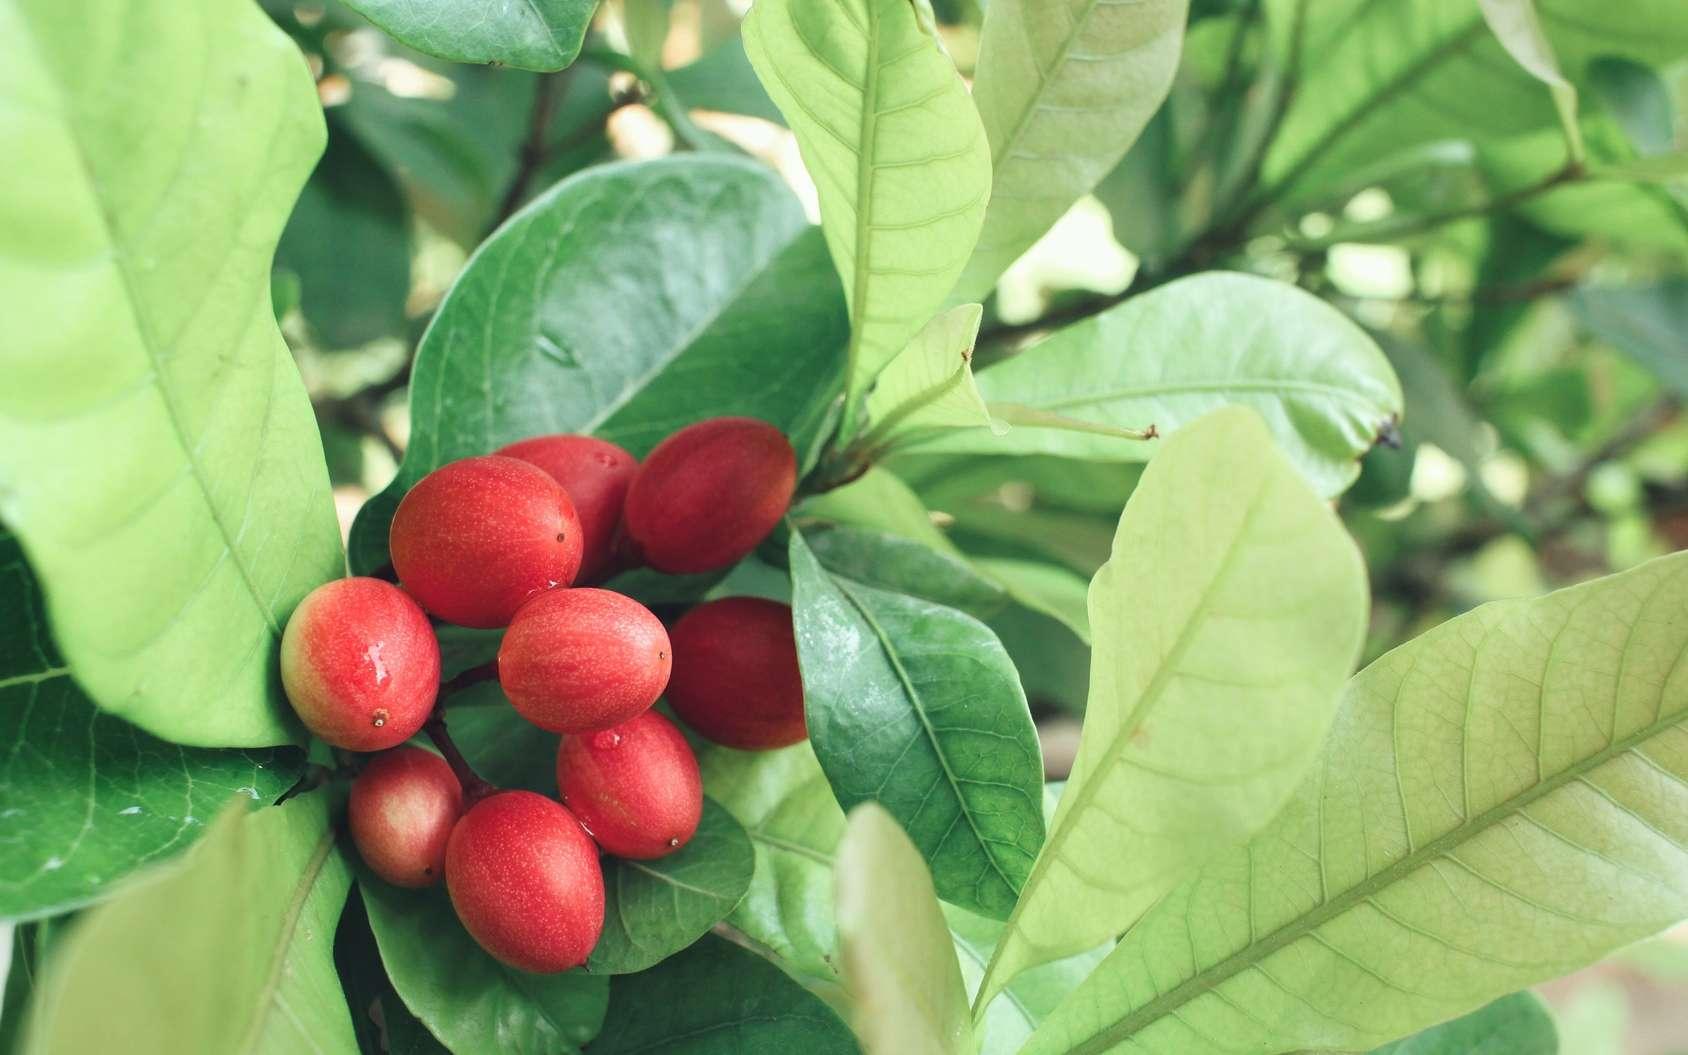 Le fruit miracle, ou fruit miraculeux, pousse sur un arbuste africain et ressemble à l'églantine. © Successo images, Fotolia